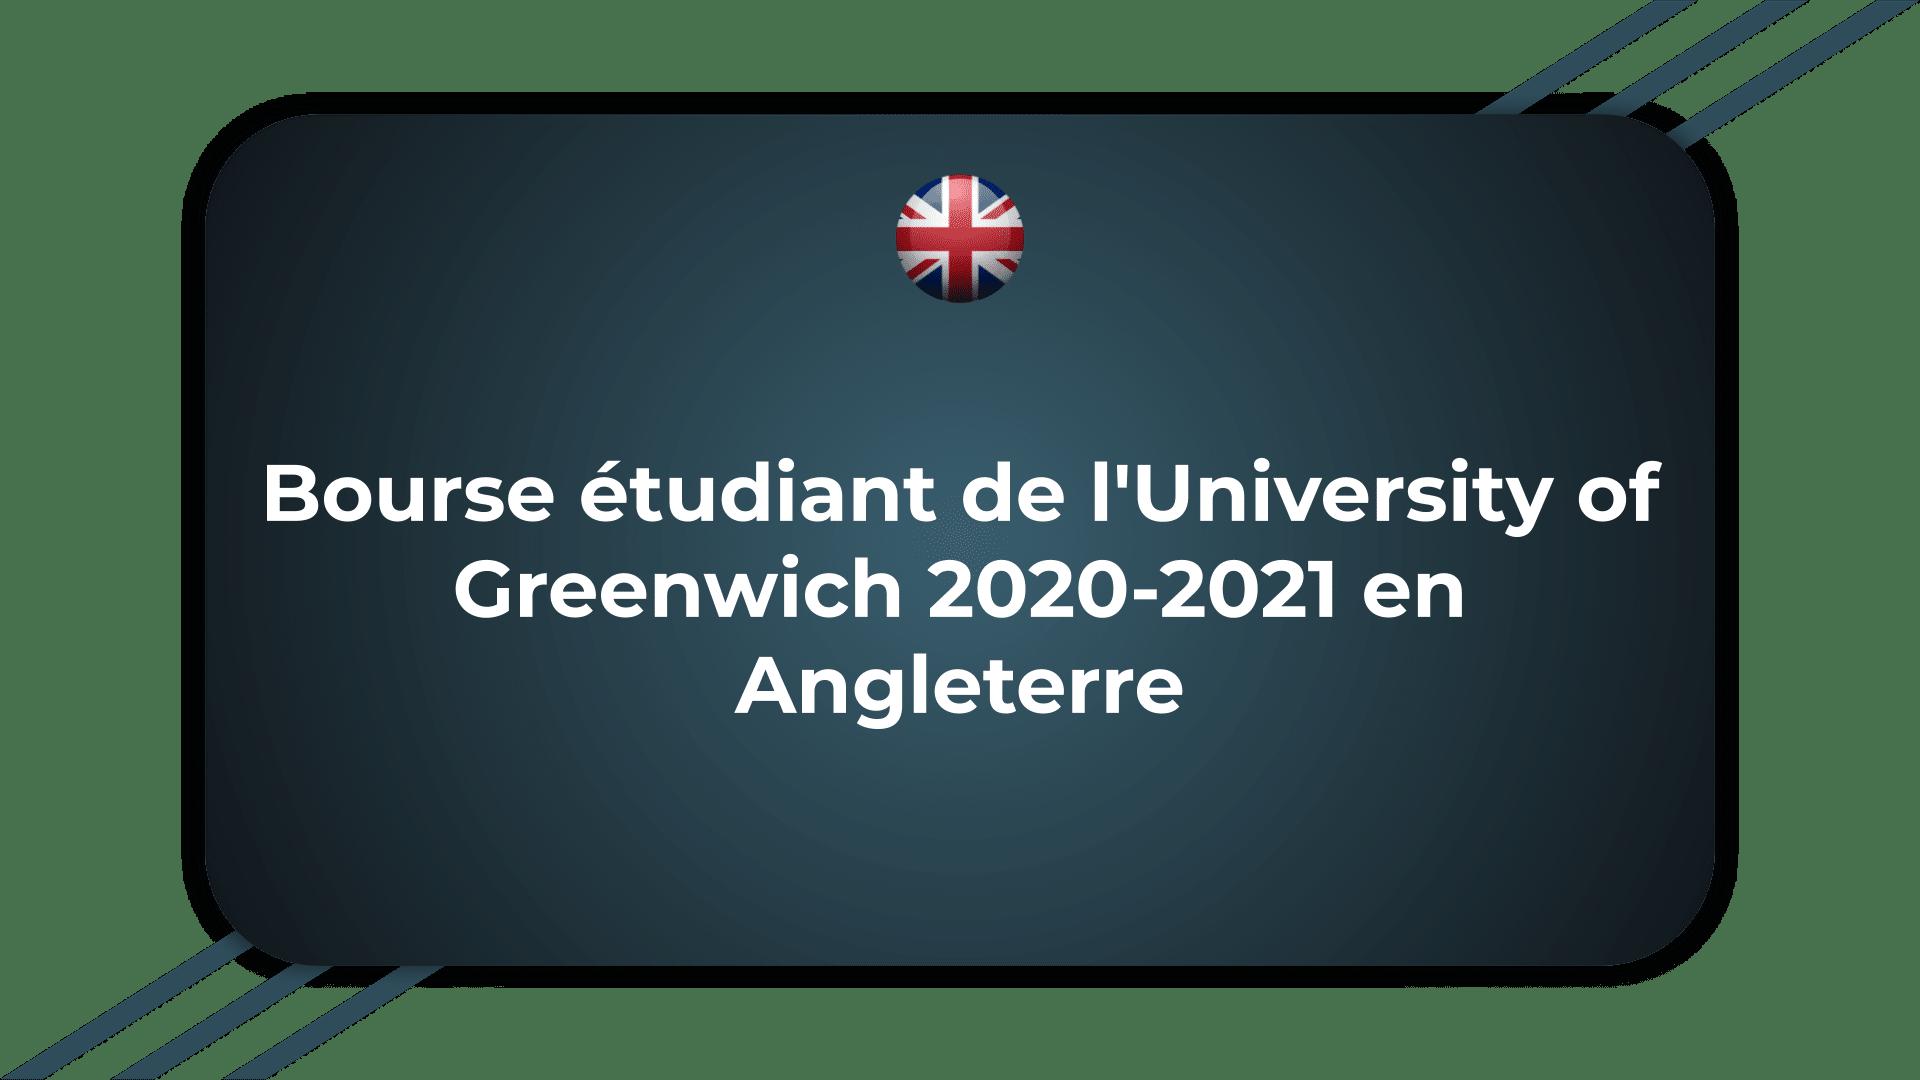 Bourse étudiant de l'University of Greenwich